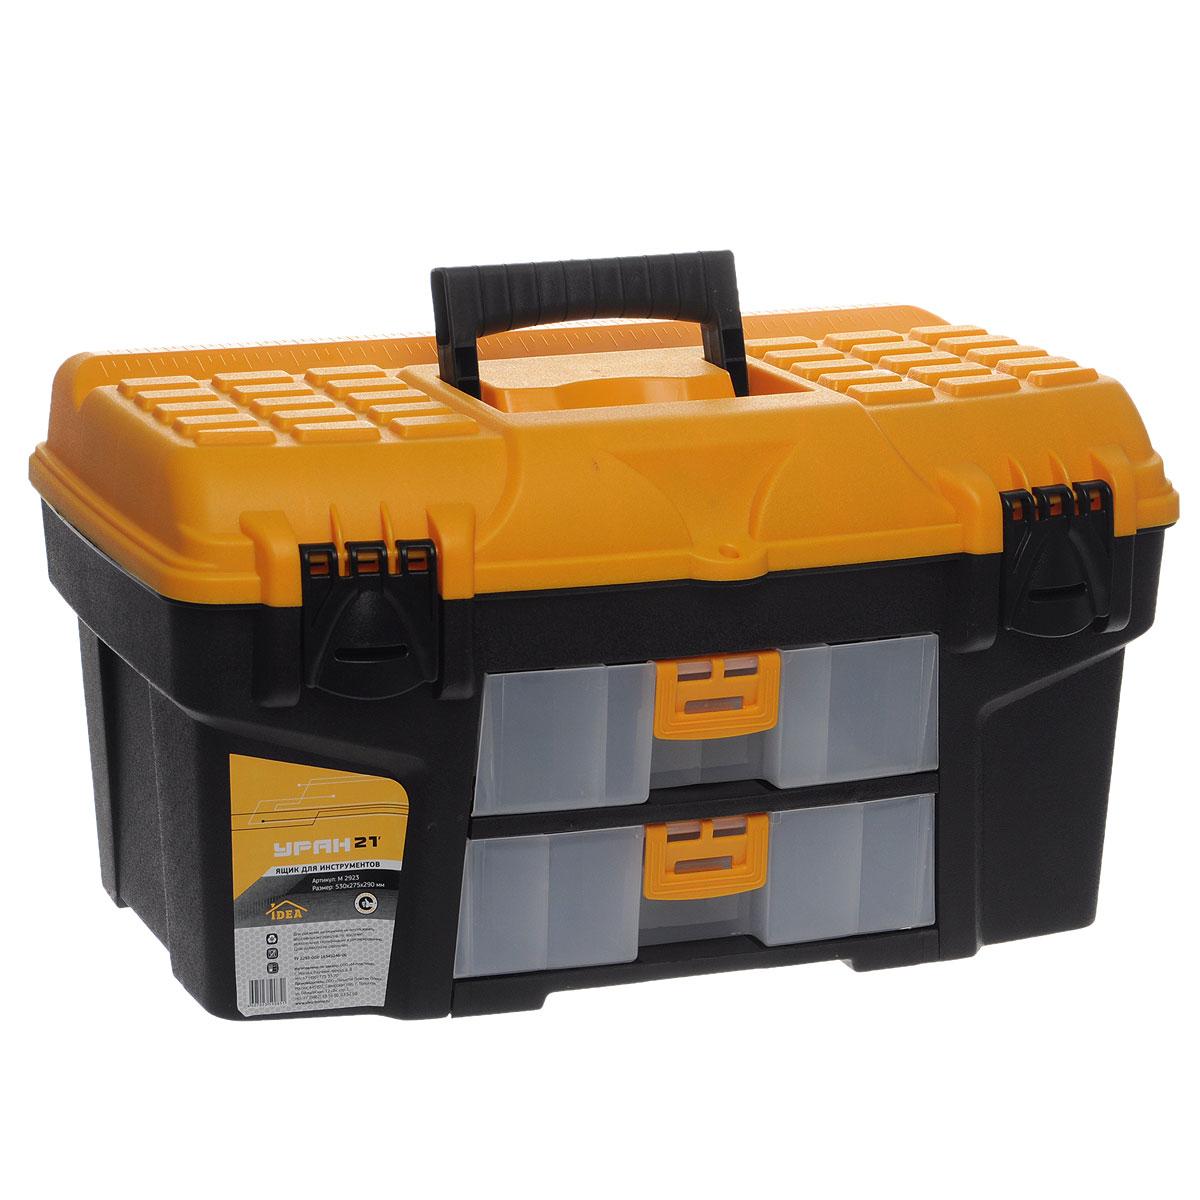 """Idea (М-пластика) Ящик для инструментов Idea """"Уран 21"""", с органайзером, 53 см х 27,5 см х 29 см"""